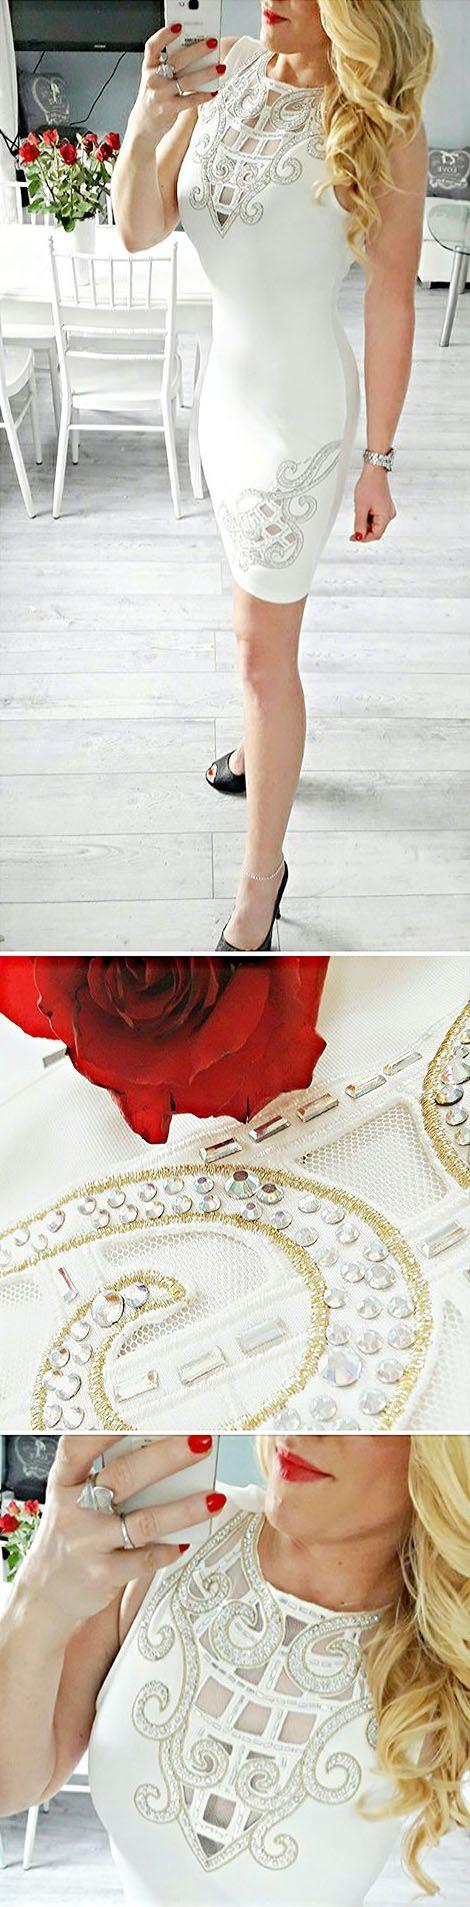 Piękna sukienka z efektownymi wzorami idealna na wesele, komunię i inne uroczystości 😍❤ S/M 189zł Zamówienia prosimy składać w wiadomości prywatnej 😍